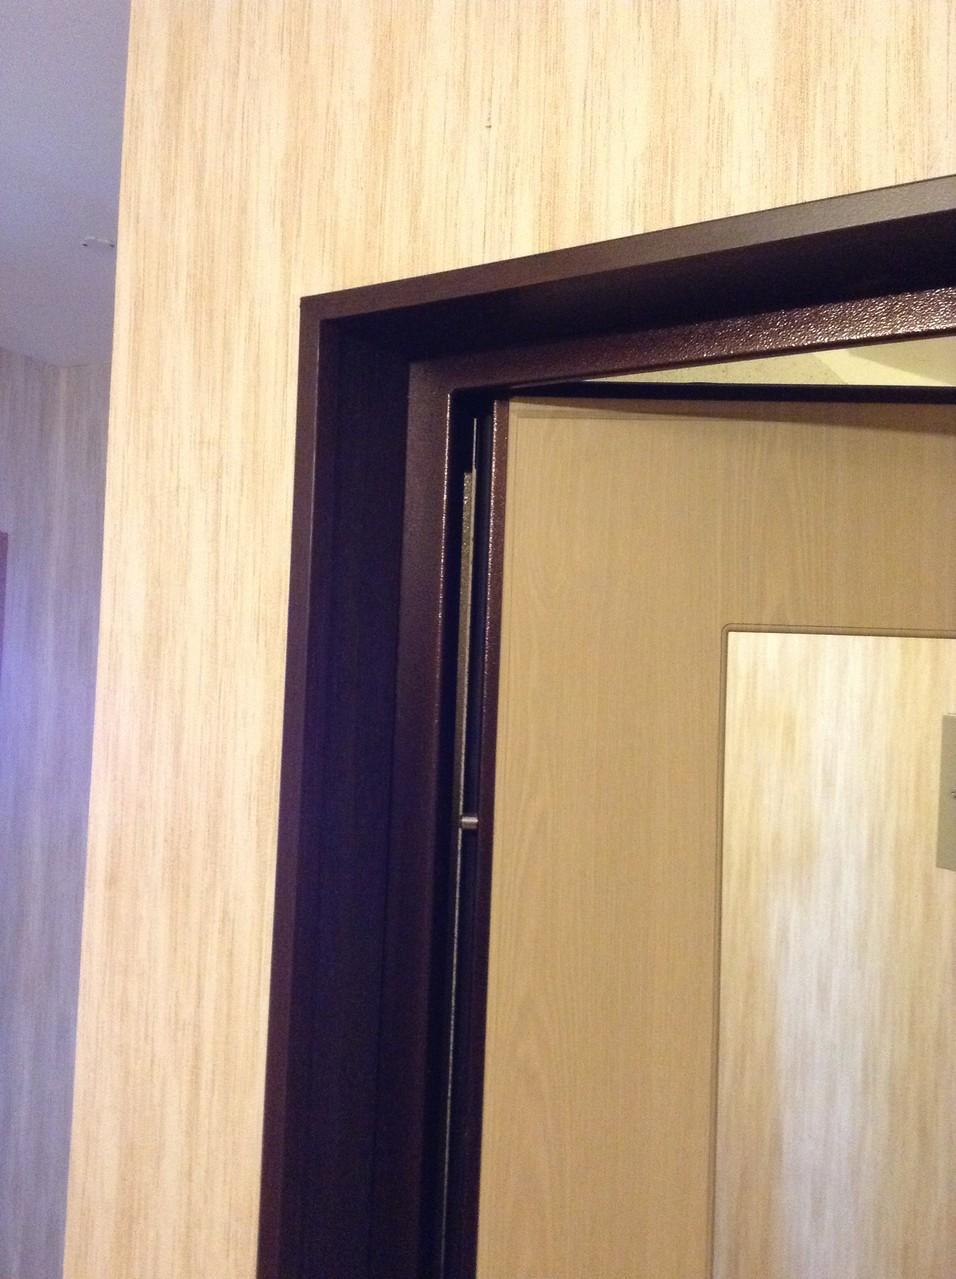 бесплатная мдф откосы фото хабаровск калашникова